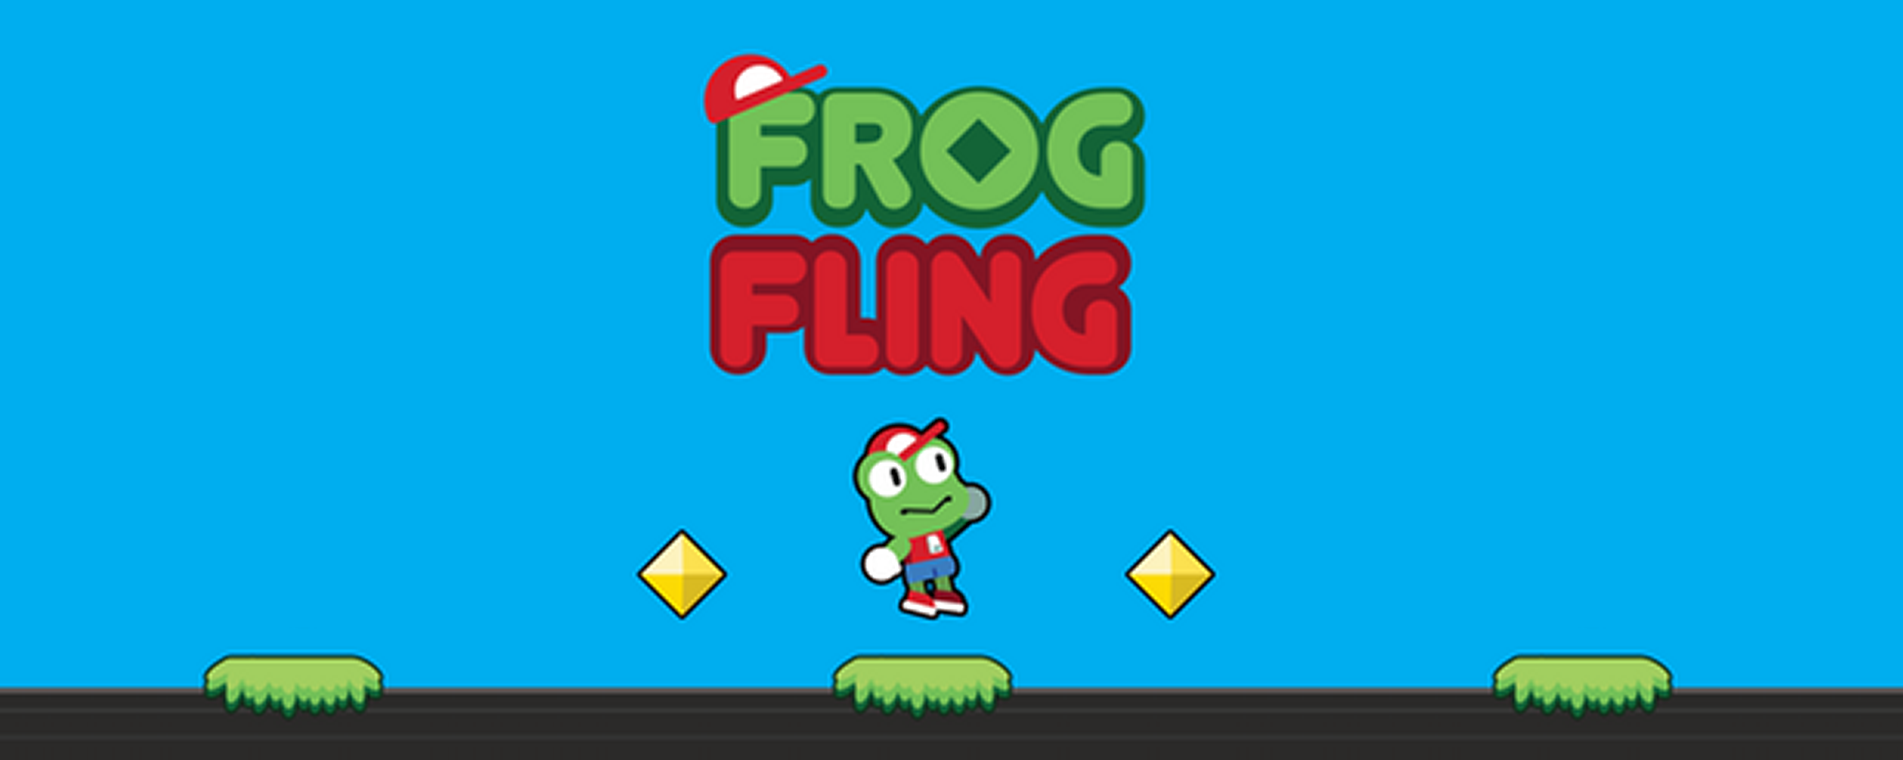 FROG FLING